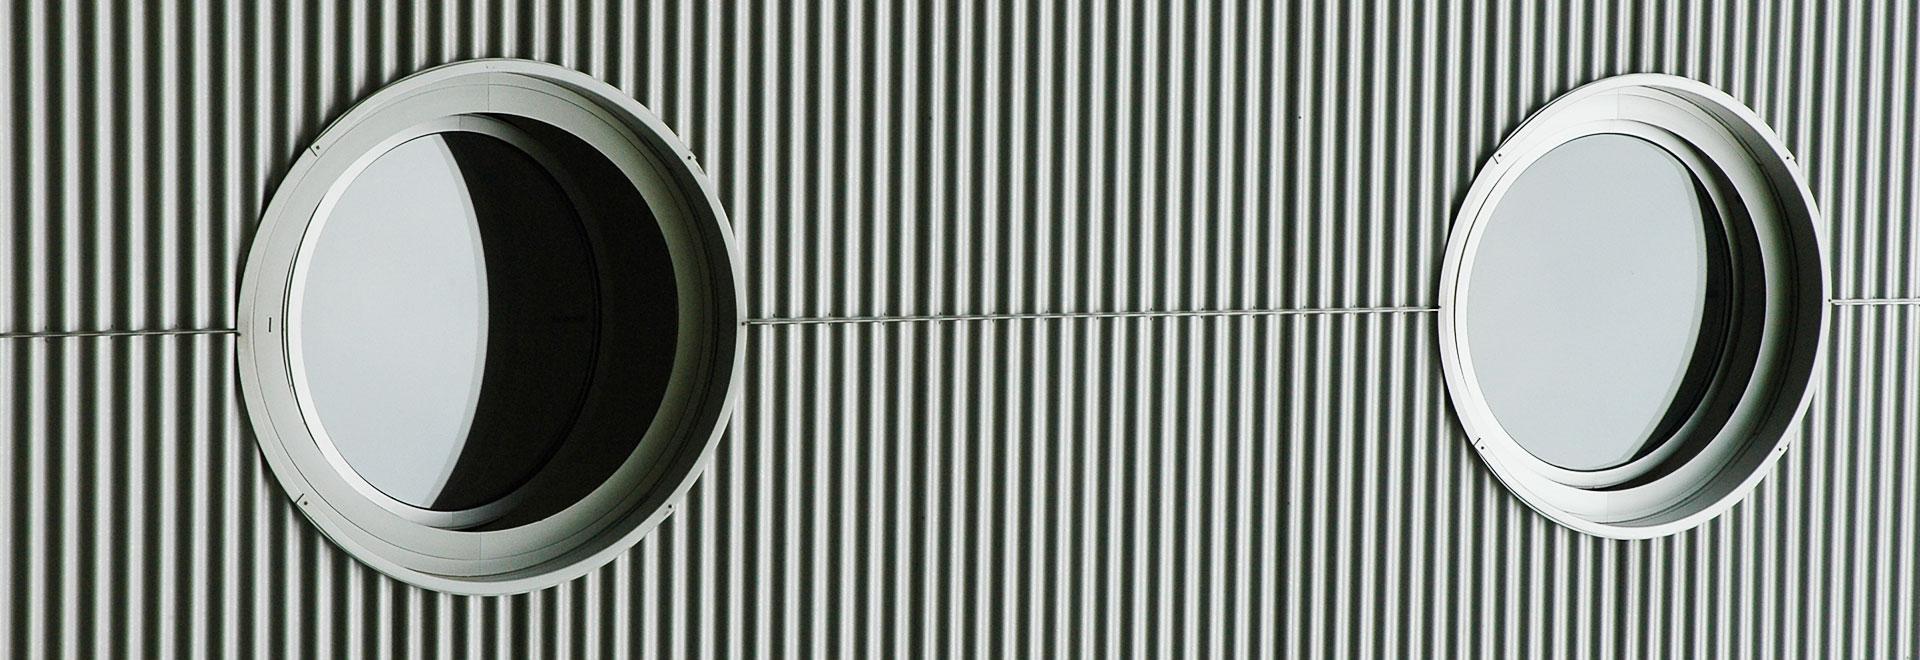 Walter Vögele GmbH in Freiburg: stylische Fassadenverkleidung